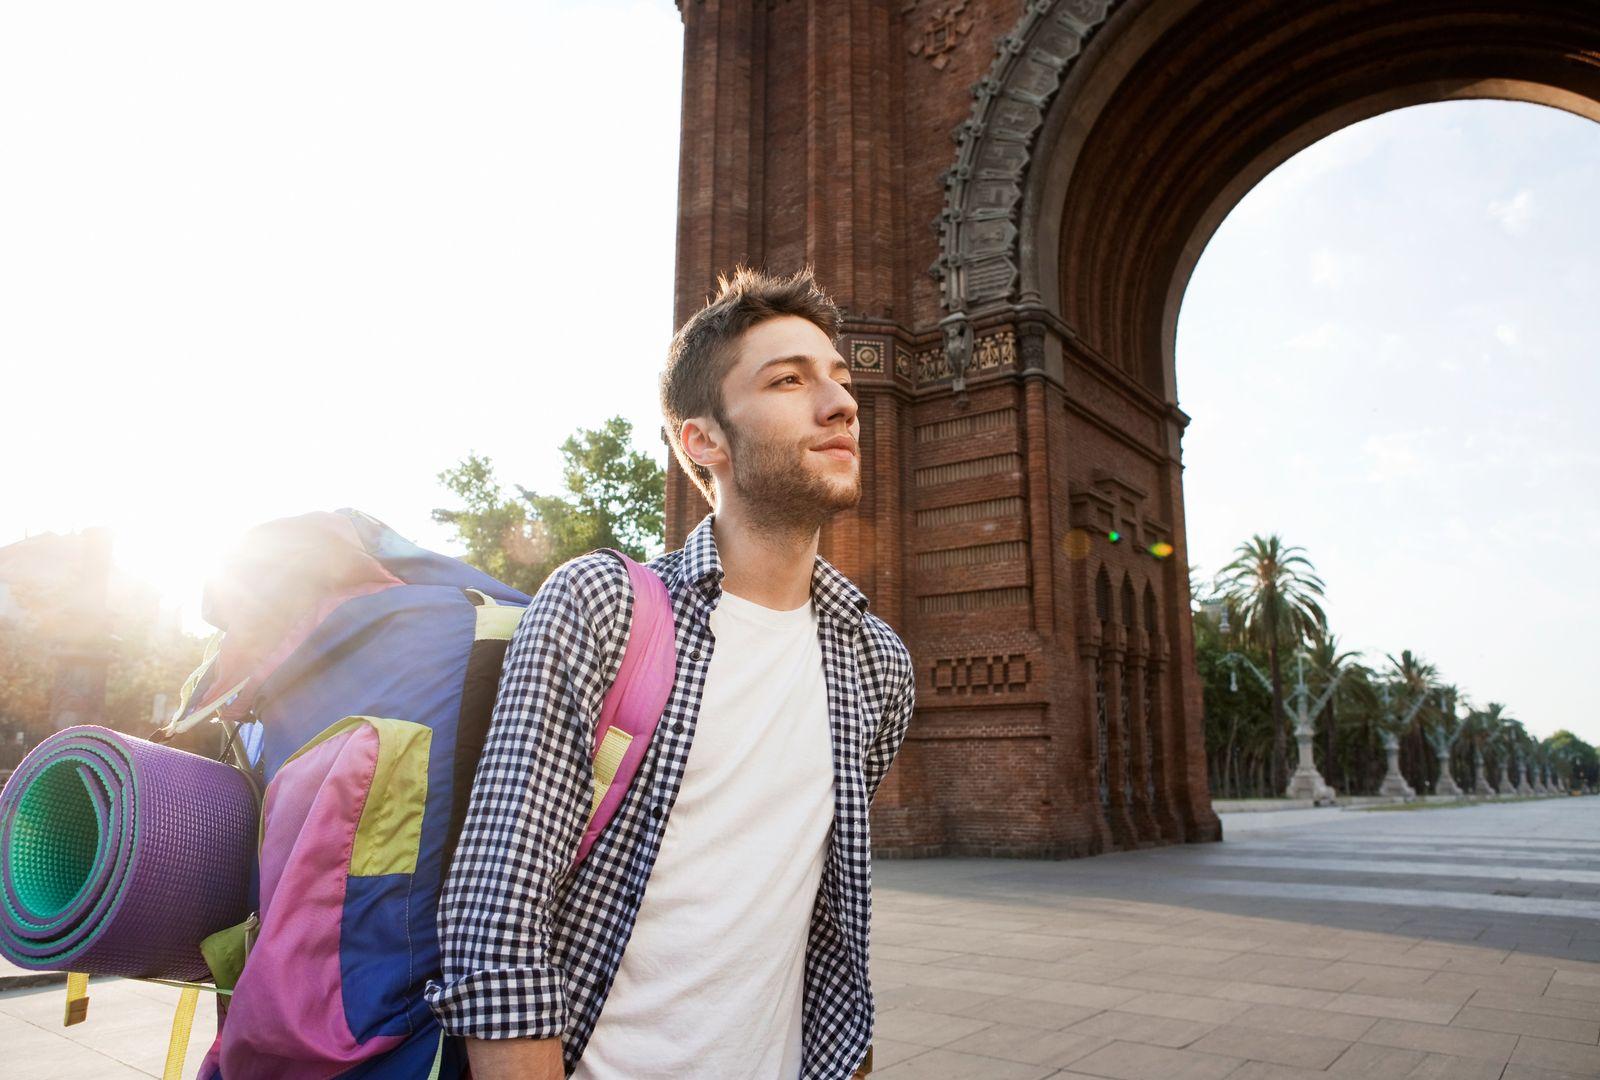 NICHT MEHR VERWENDEN! - junge Leute / Rucksack / Reisen / Student